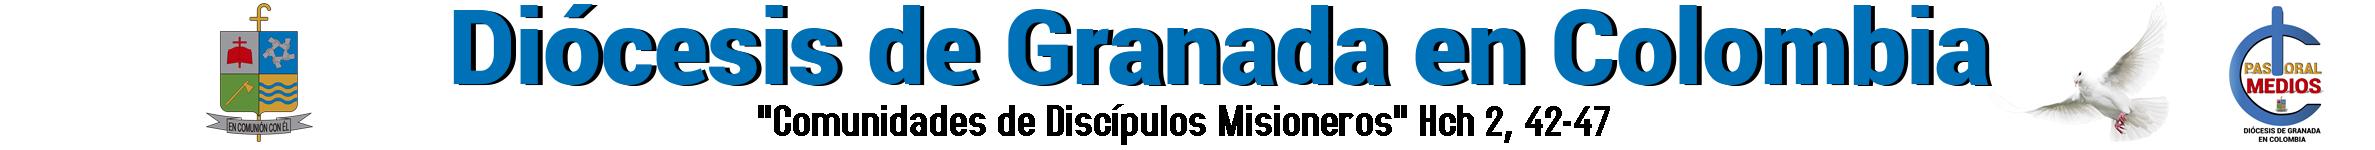 Diócesis de Granada En Colombia